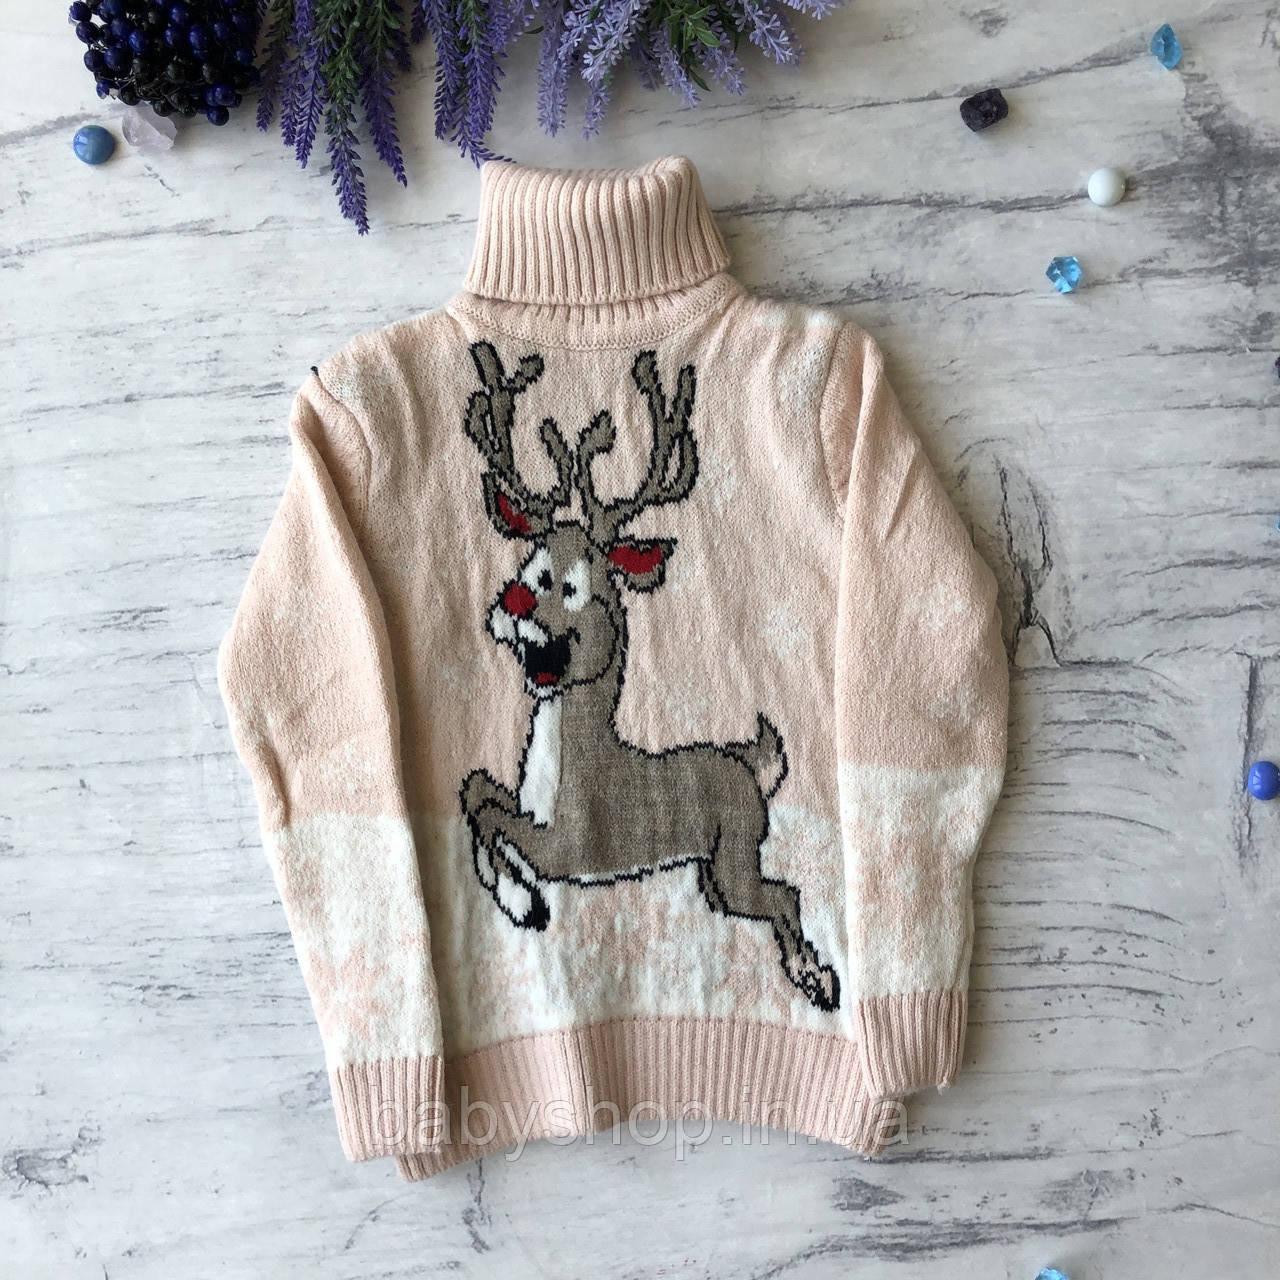 Теплый новогодний свитер на девочку15. Размер 2 года, 3 года, 4 года, 5 лет, 6 лет